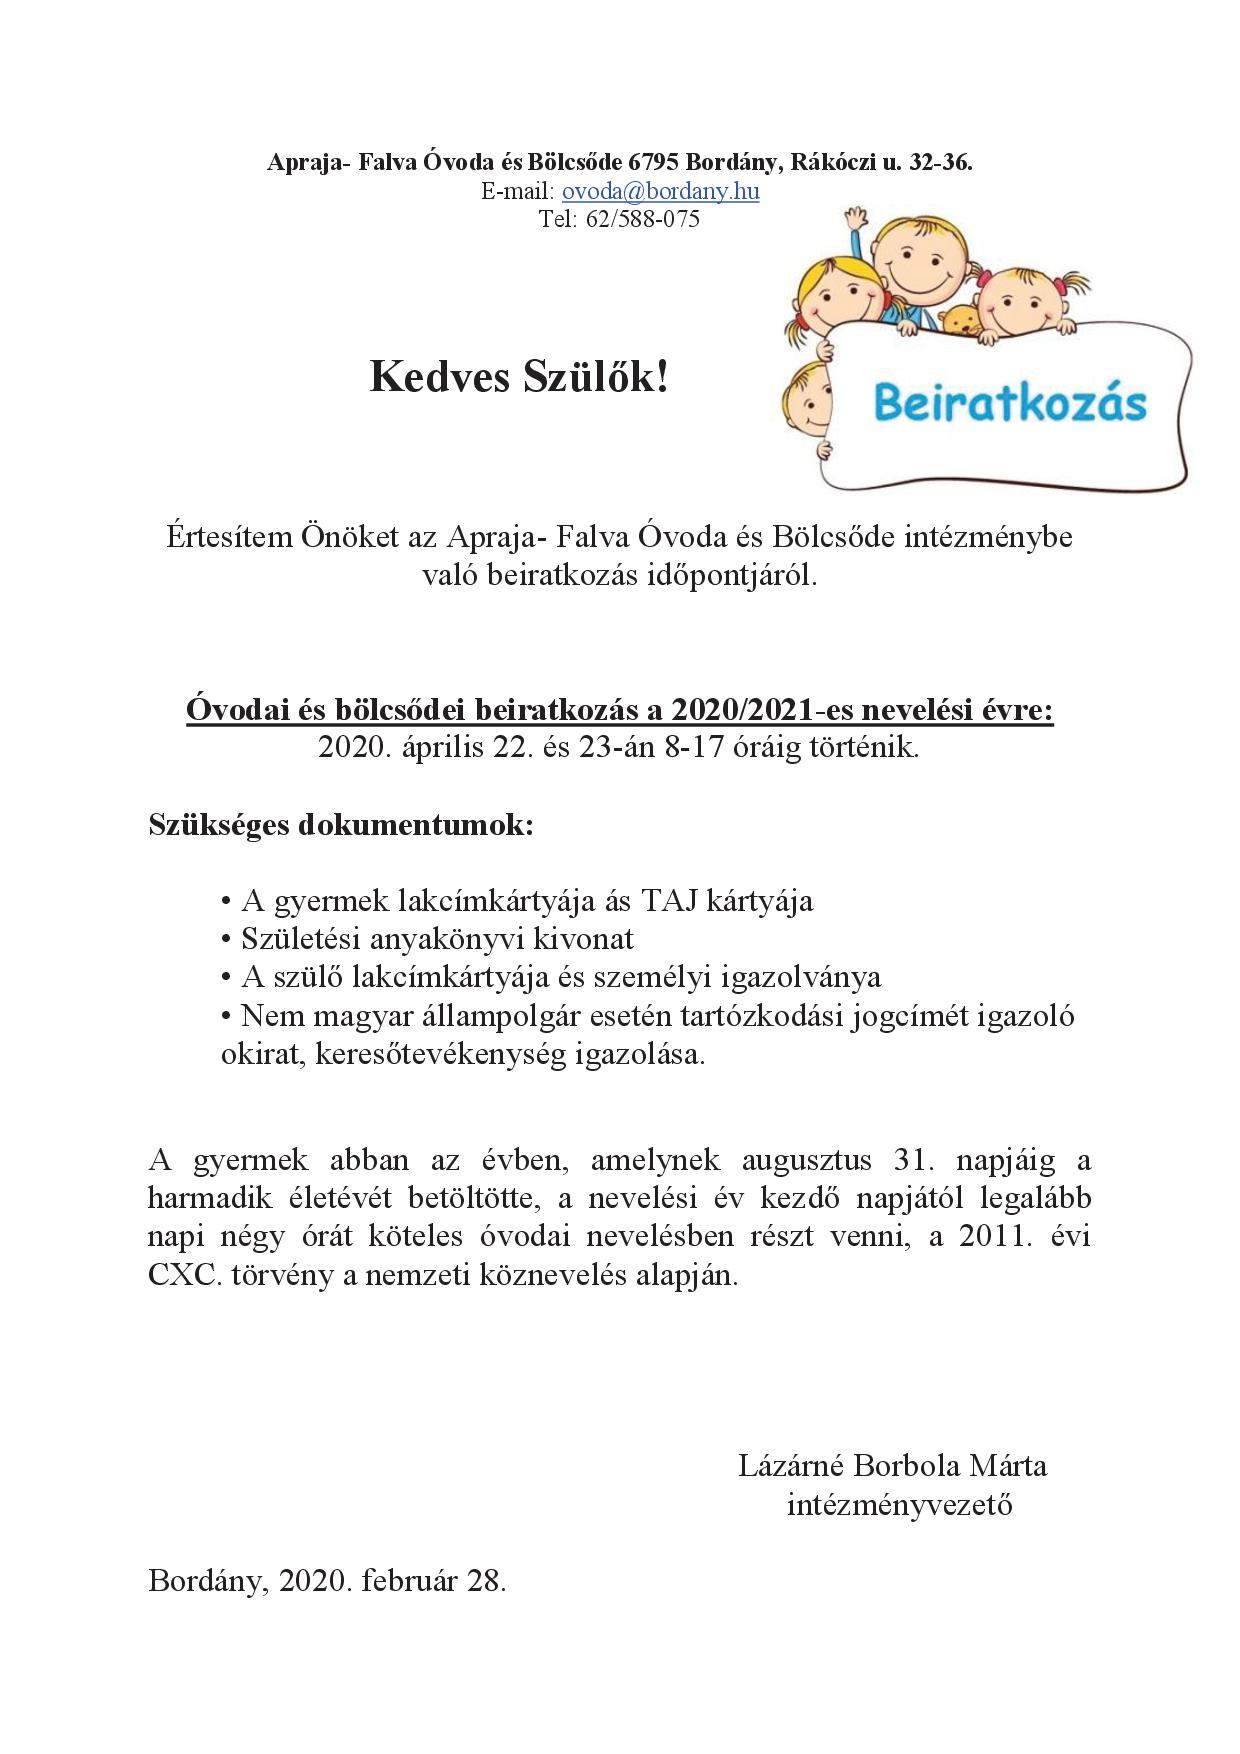 Fascioliasis és opisthorchiasis epidemiológia